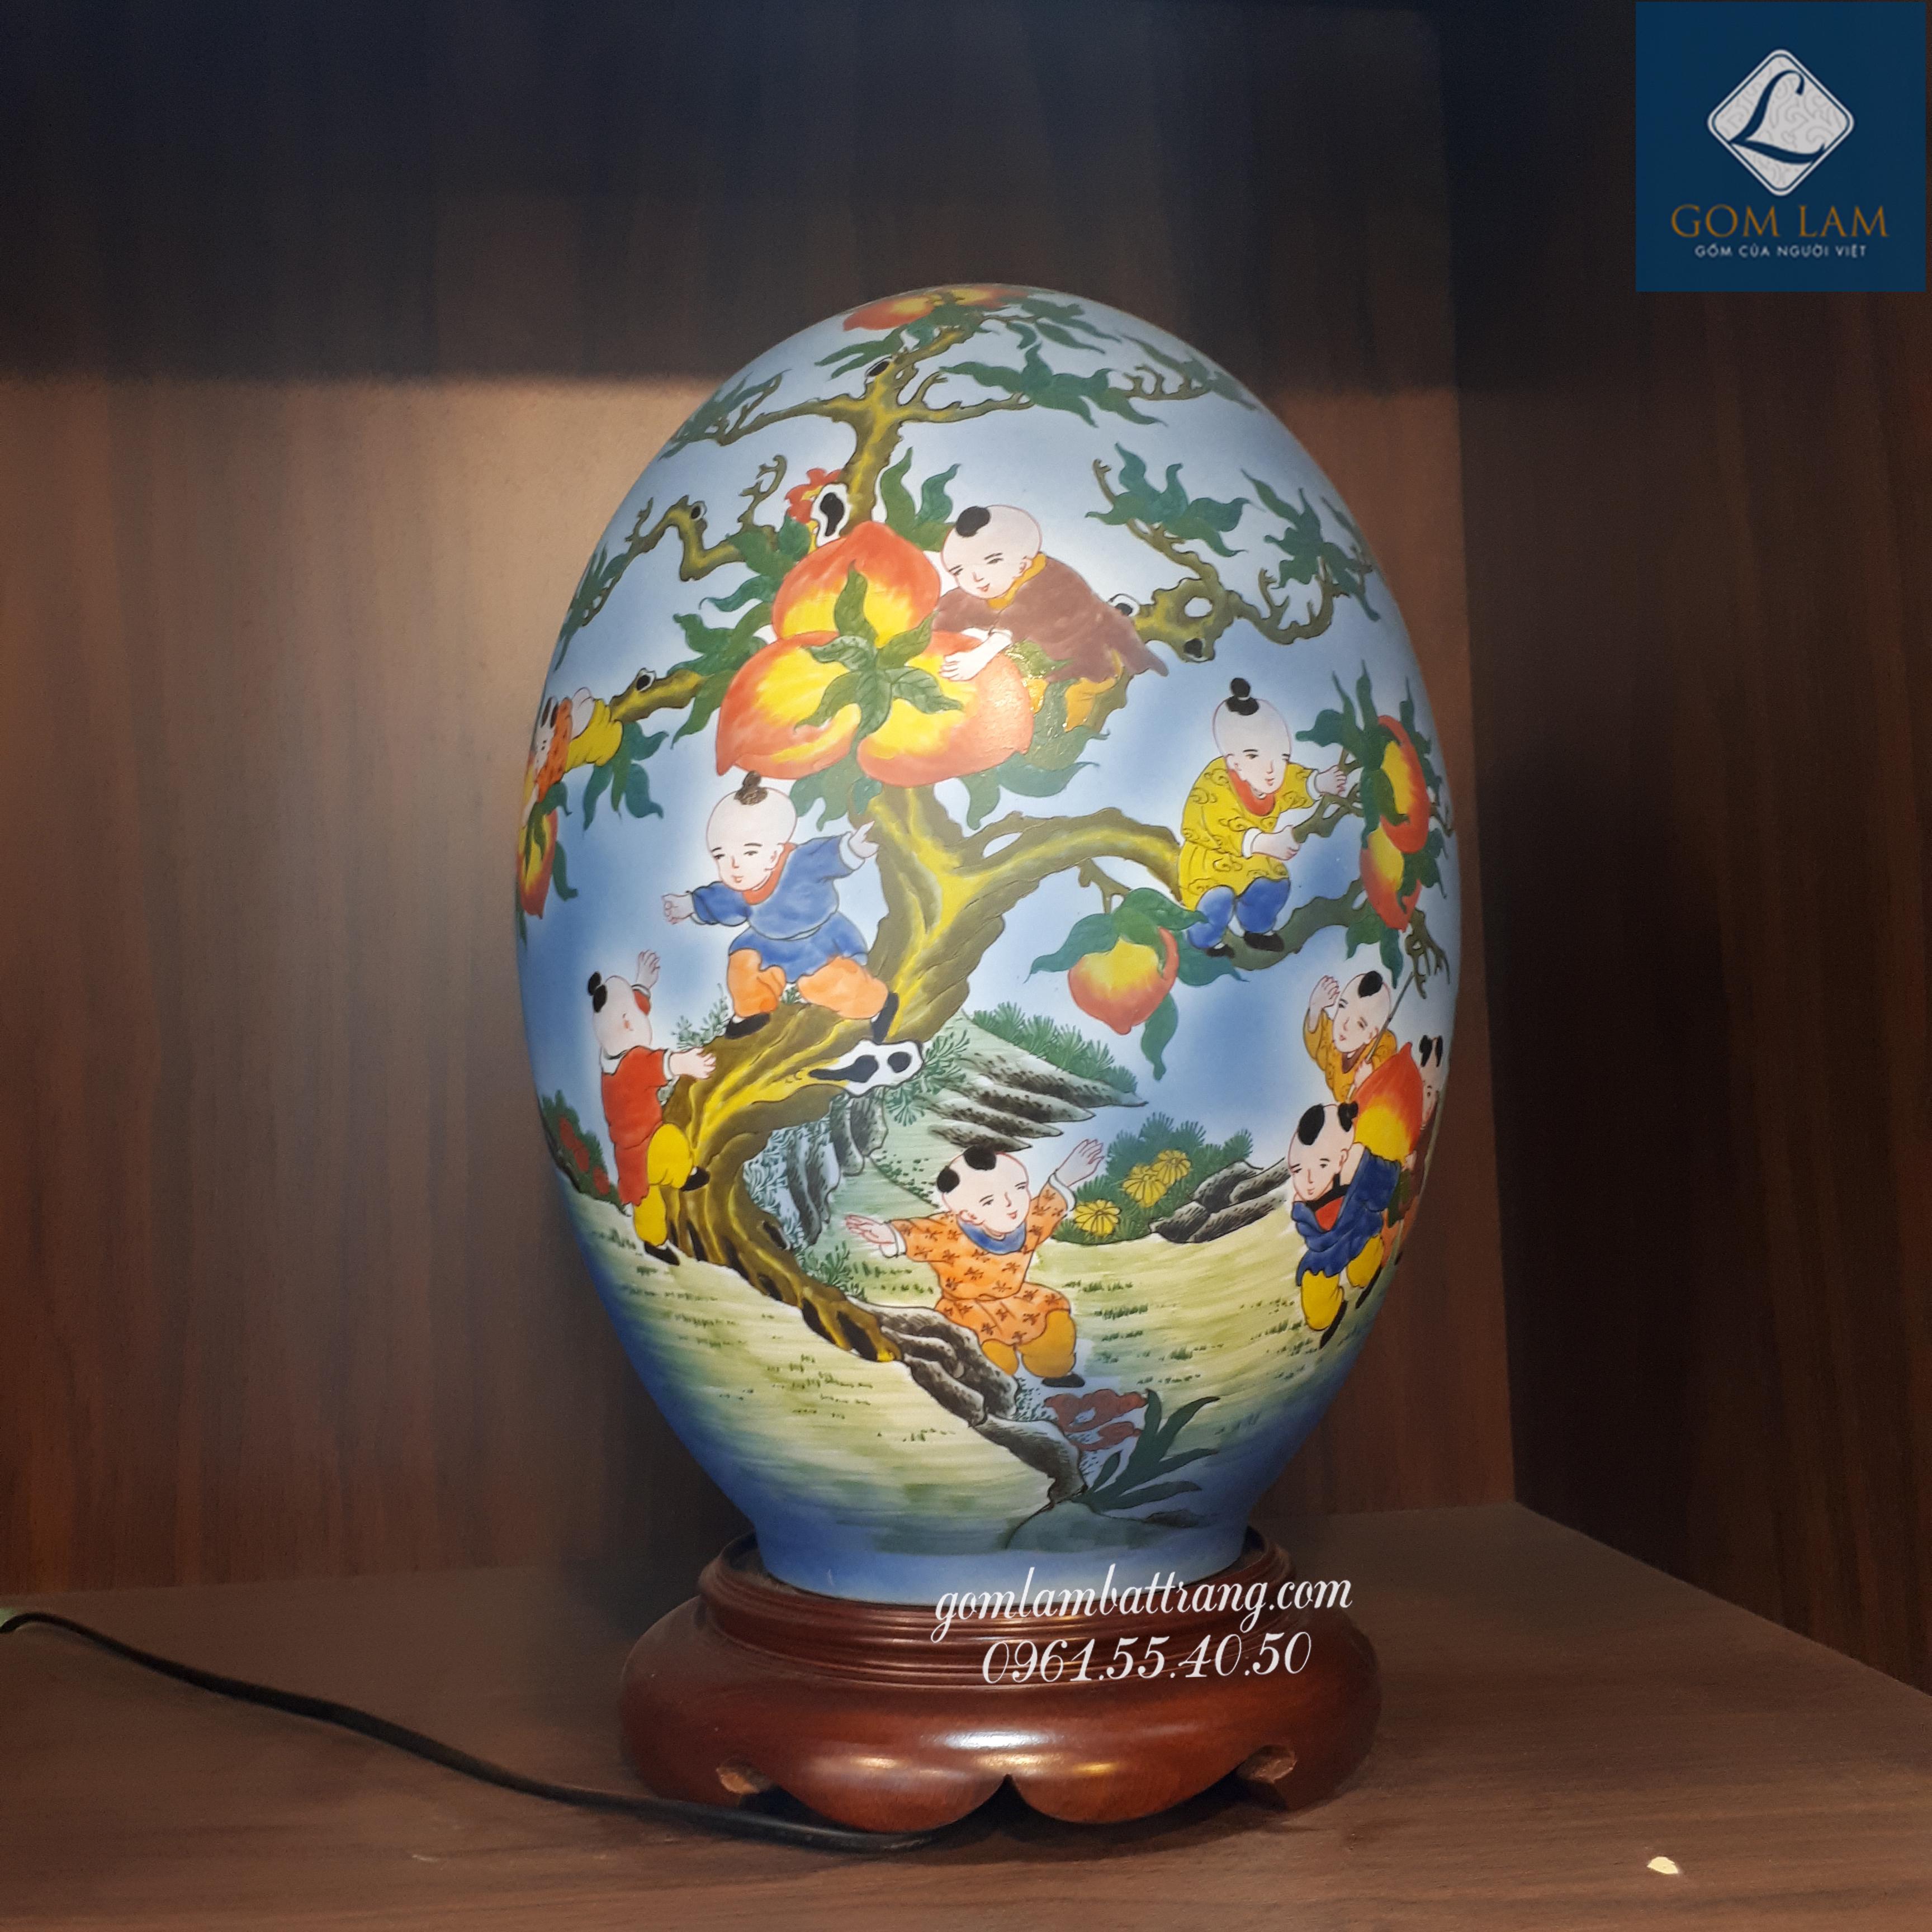 Đèn sứ thấu quang trứng Bách Nhi Bách Phúc